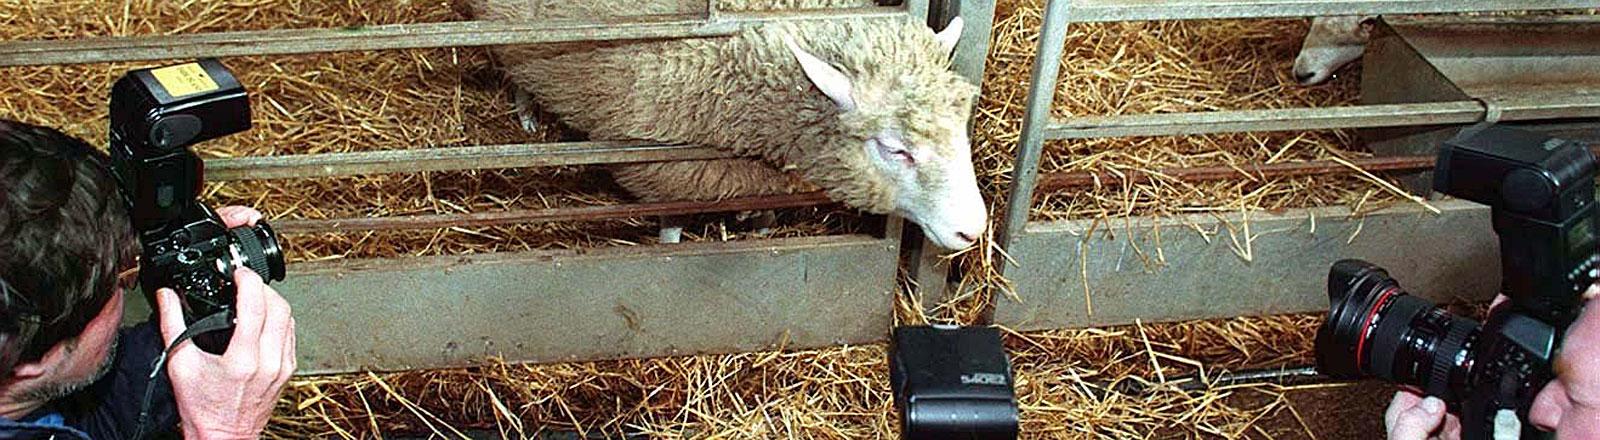 Das geklonte Schaf Dolly wird von Fotografen belagert, Bild: dpa